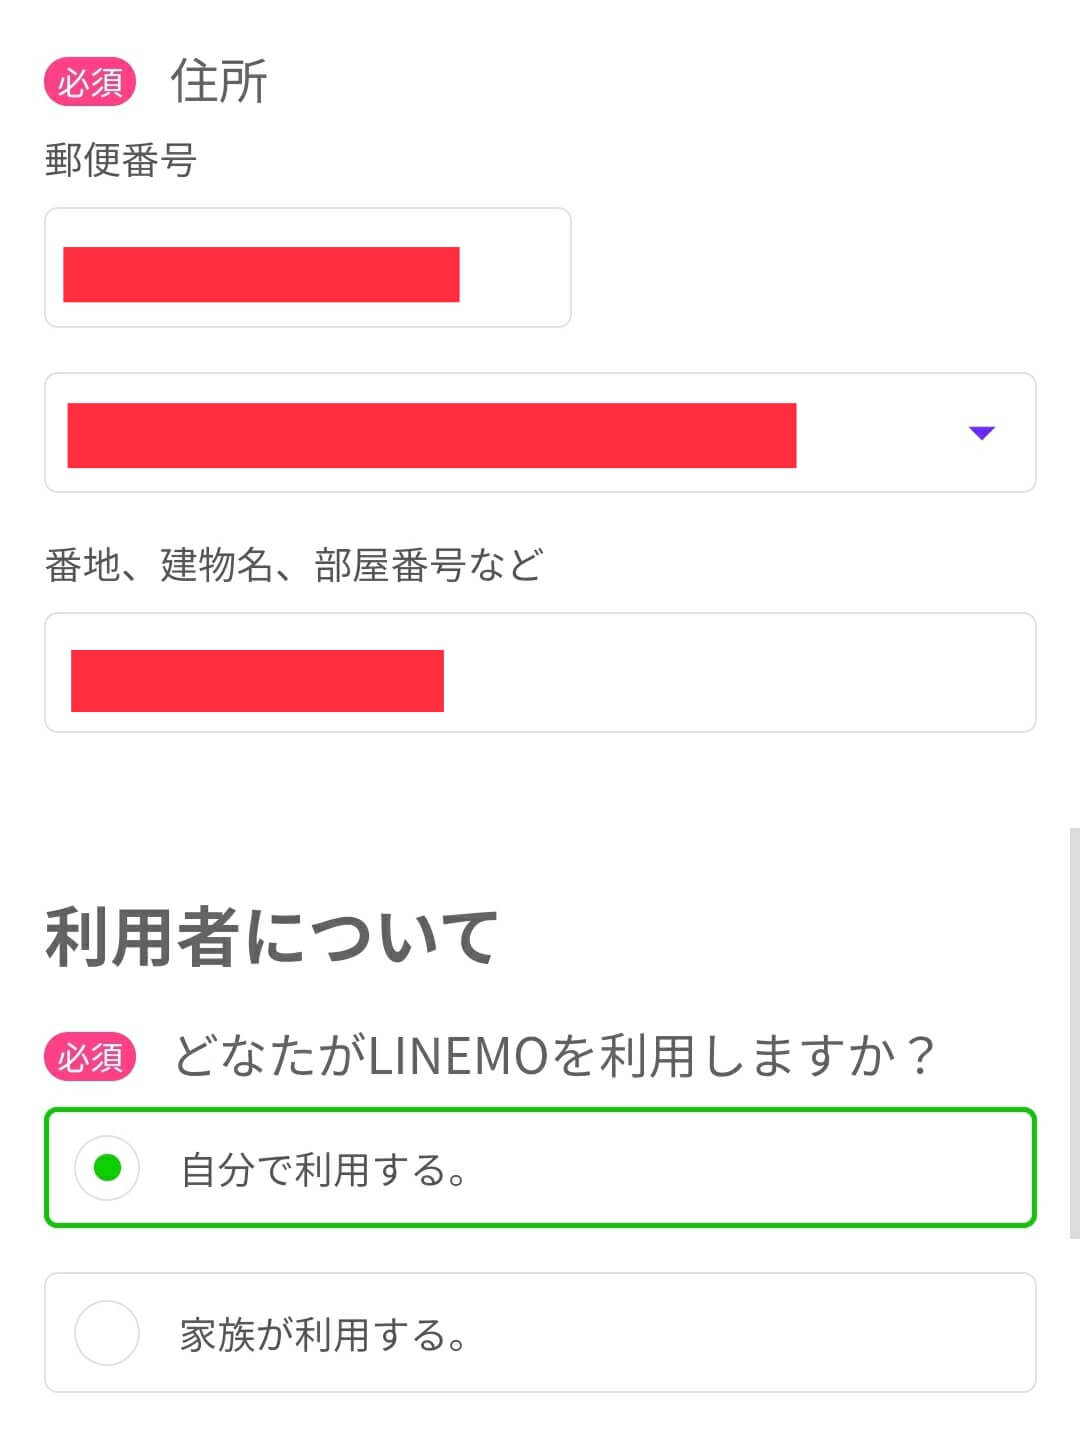 住所、利用者を選択、LINEMO